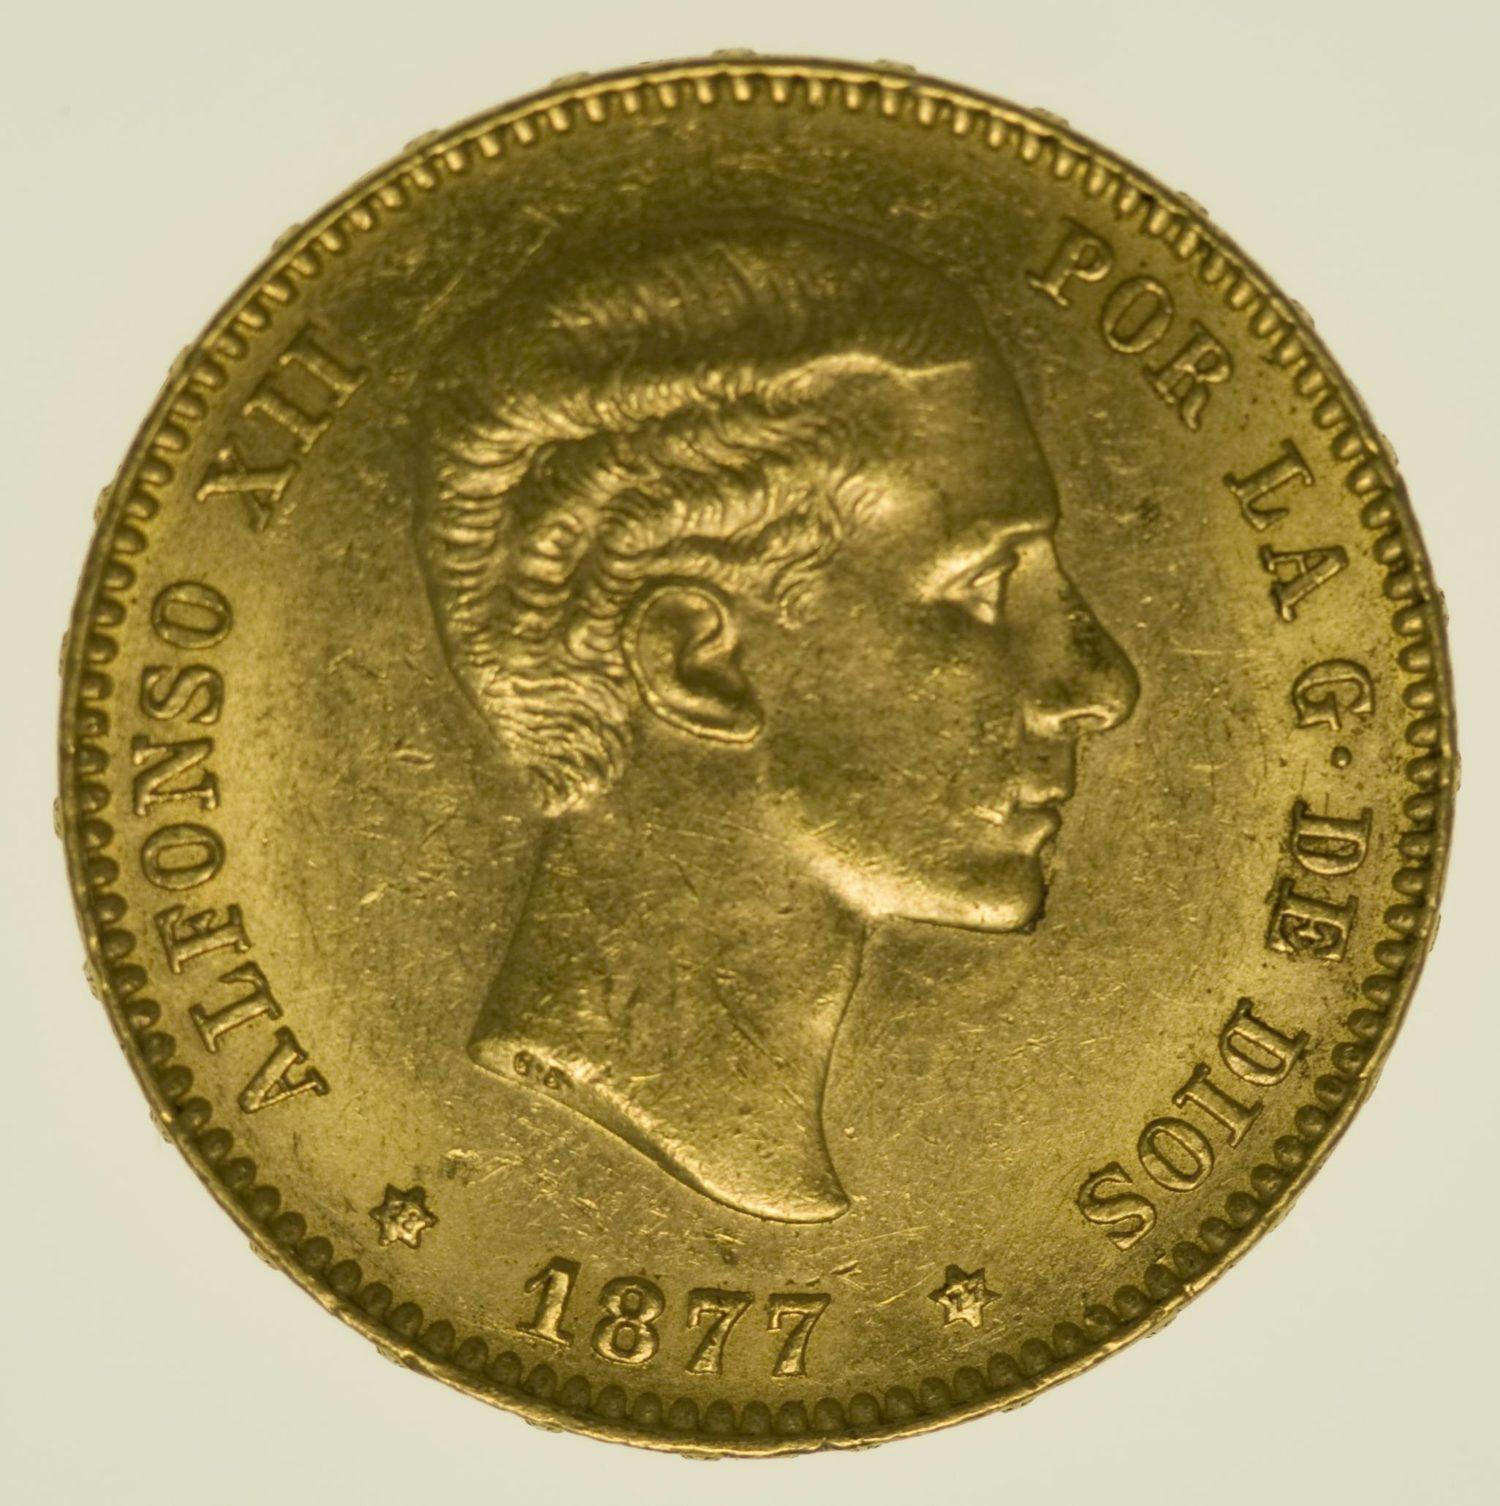 Spanien Alfonso XII. 25 Pesetas 1877 / 1877 Gold 7,26 Gramm fein RAR